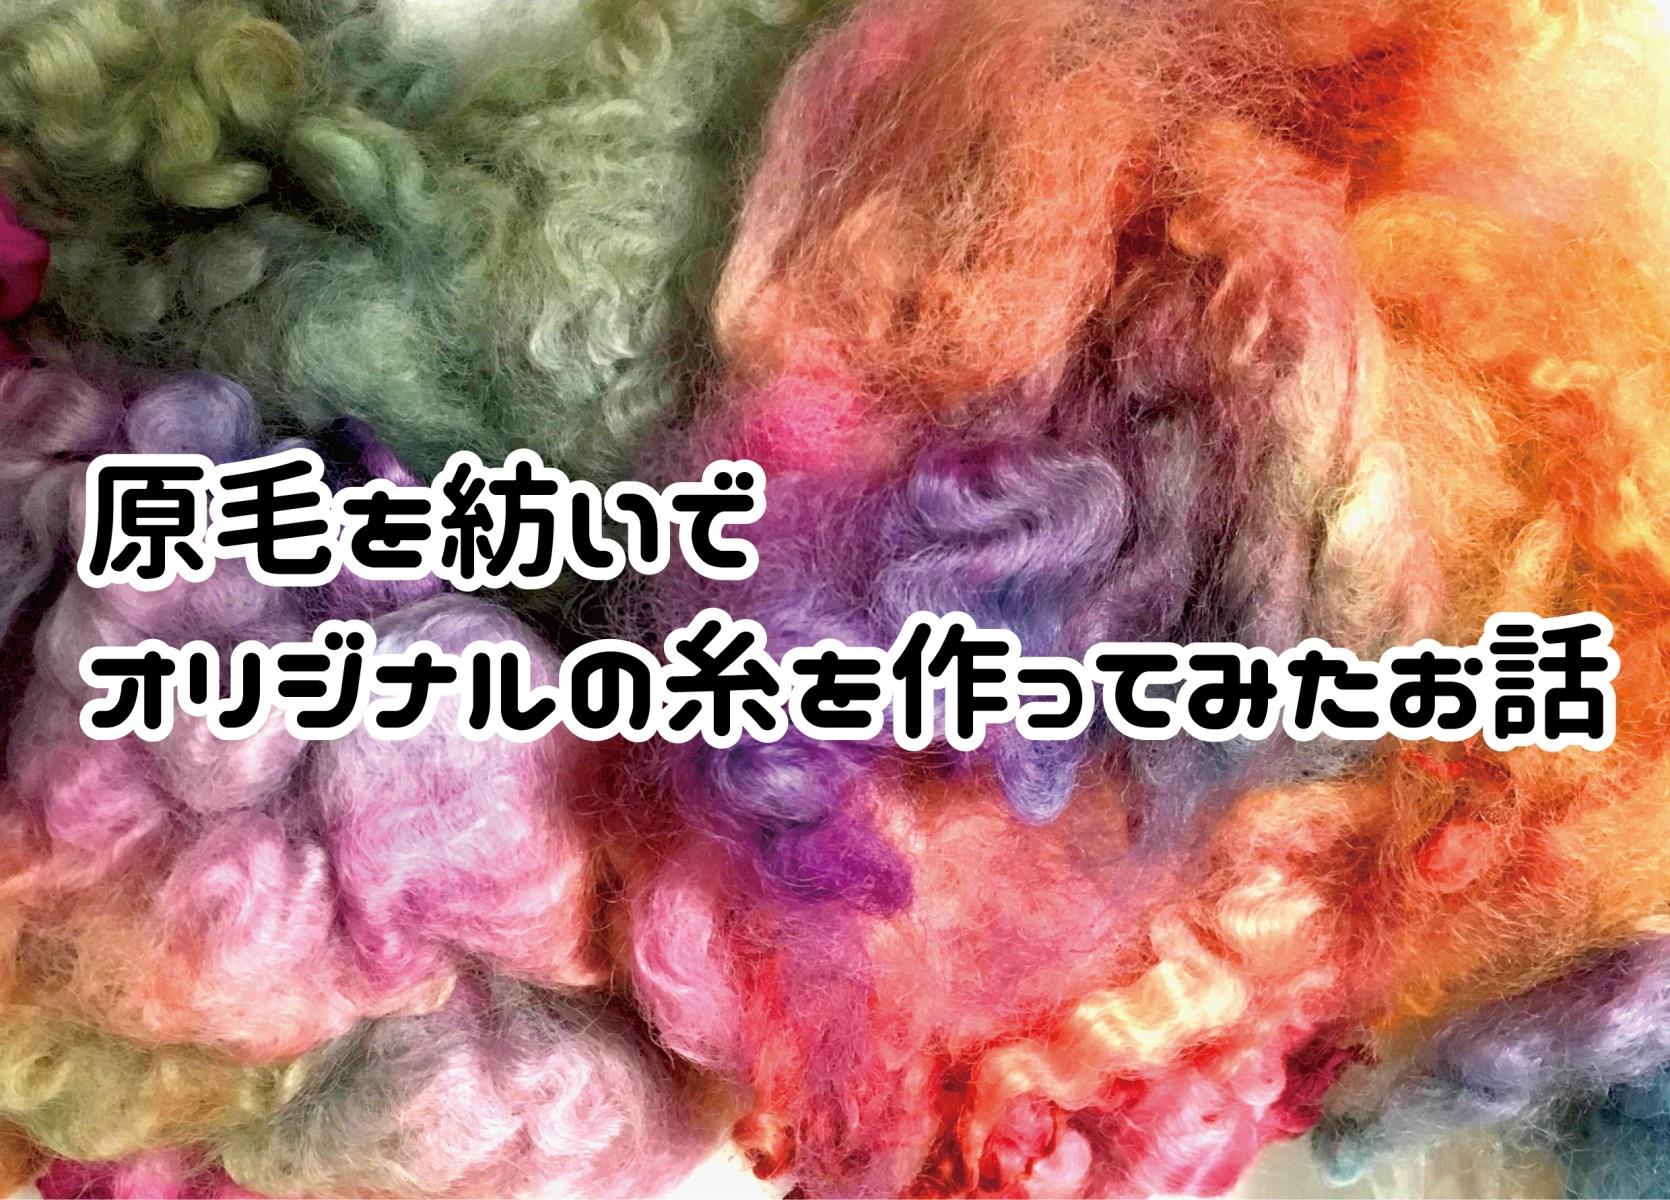 原毛を紡いでオリジナルの糸を作ってみたお話